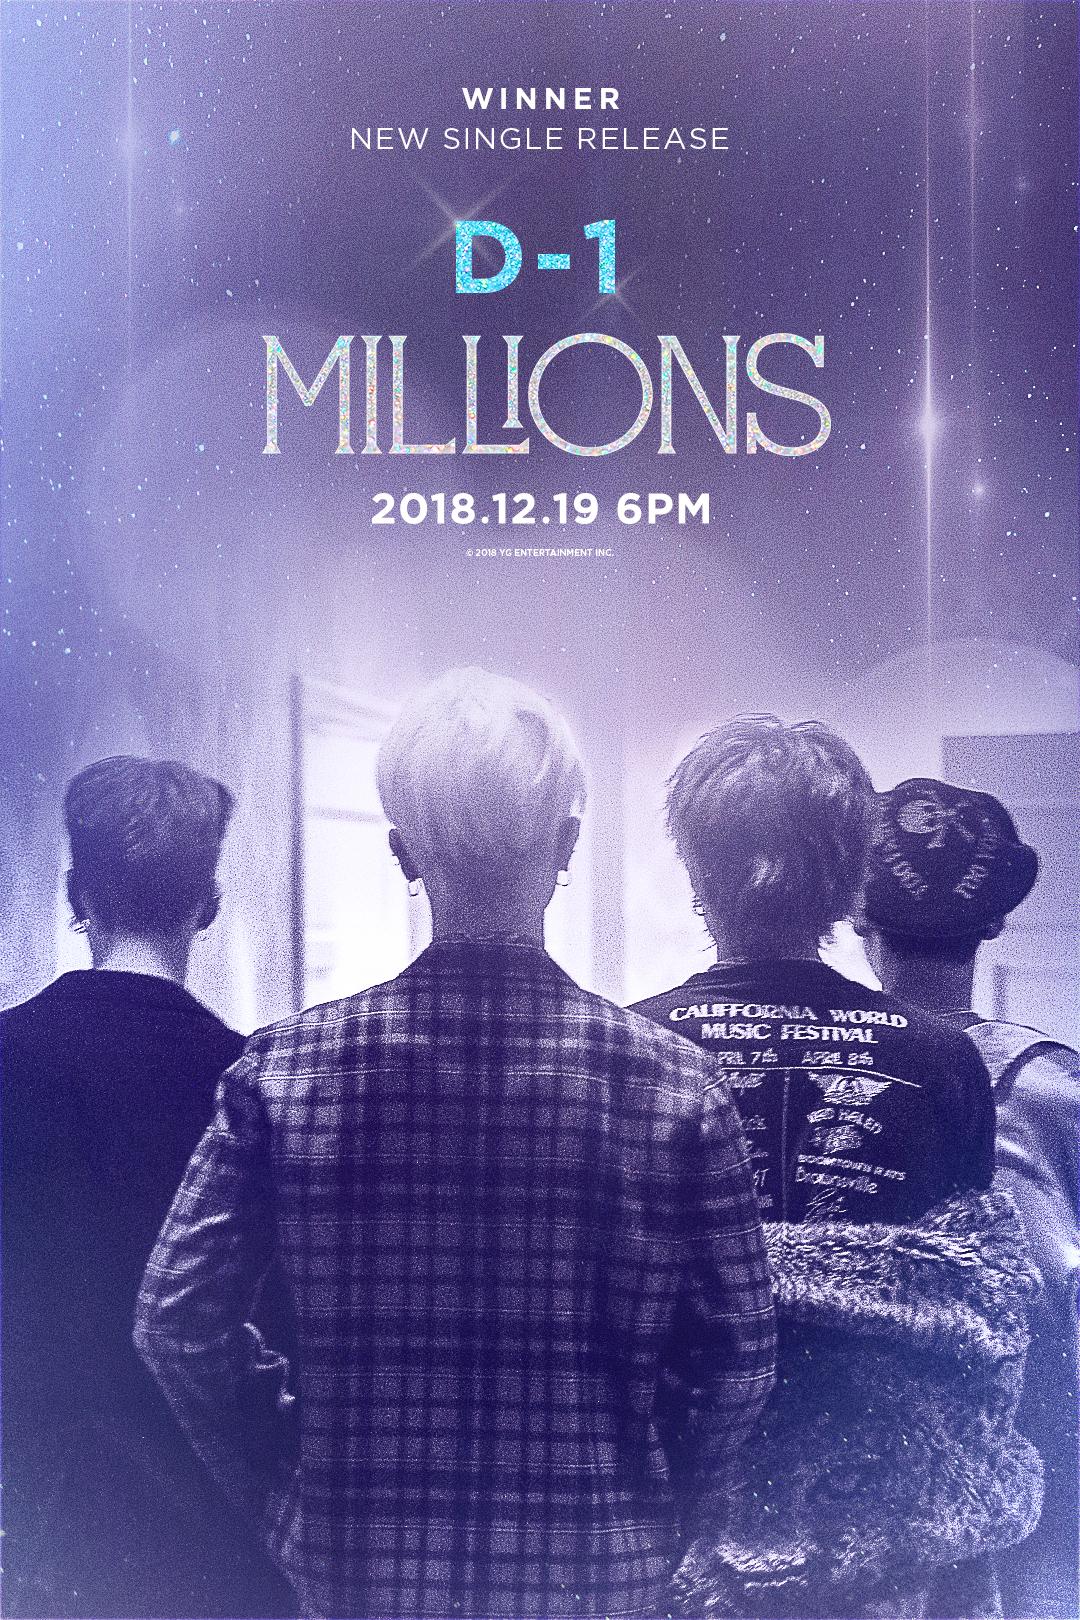 위너 컴백 D-1, '밀리언즈' 티저 신비감 증폭...YG 양현석 대표 뮤직비디오 깜짝 스포 '뜨거운 화제'